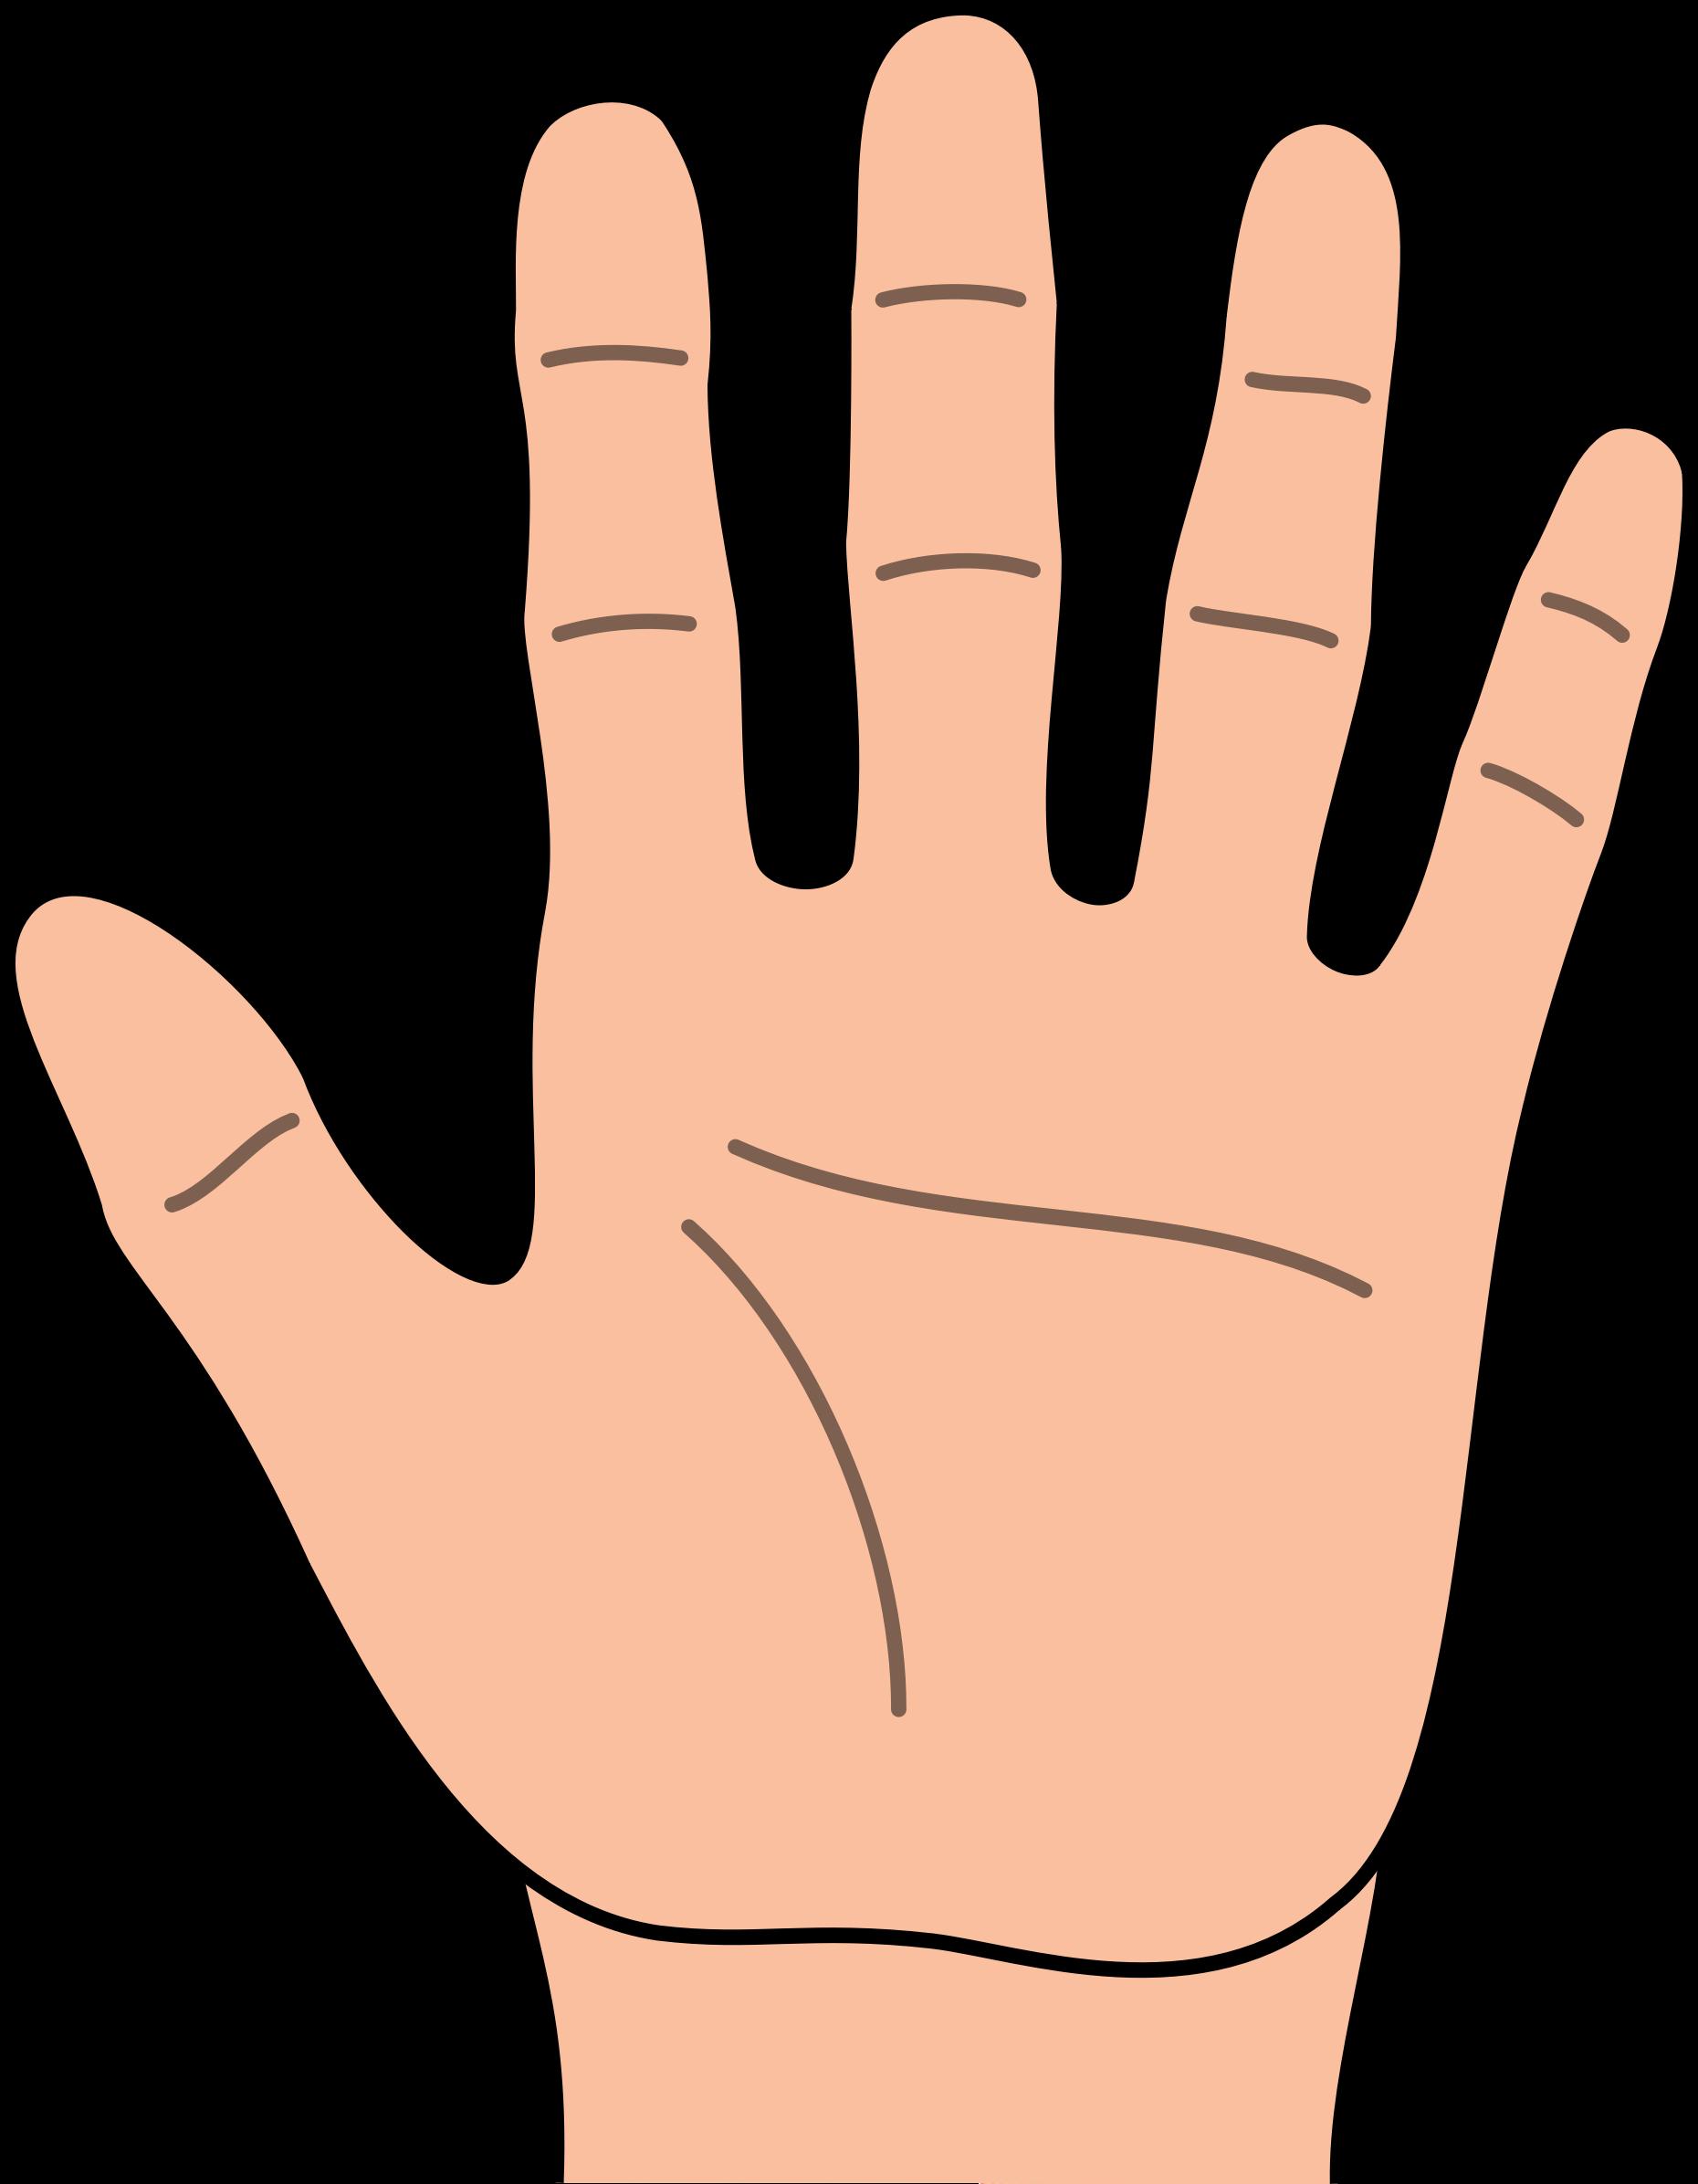 Hand Clip Art u0026middot; hand clipart